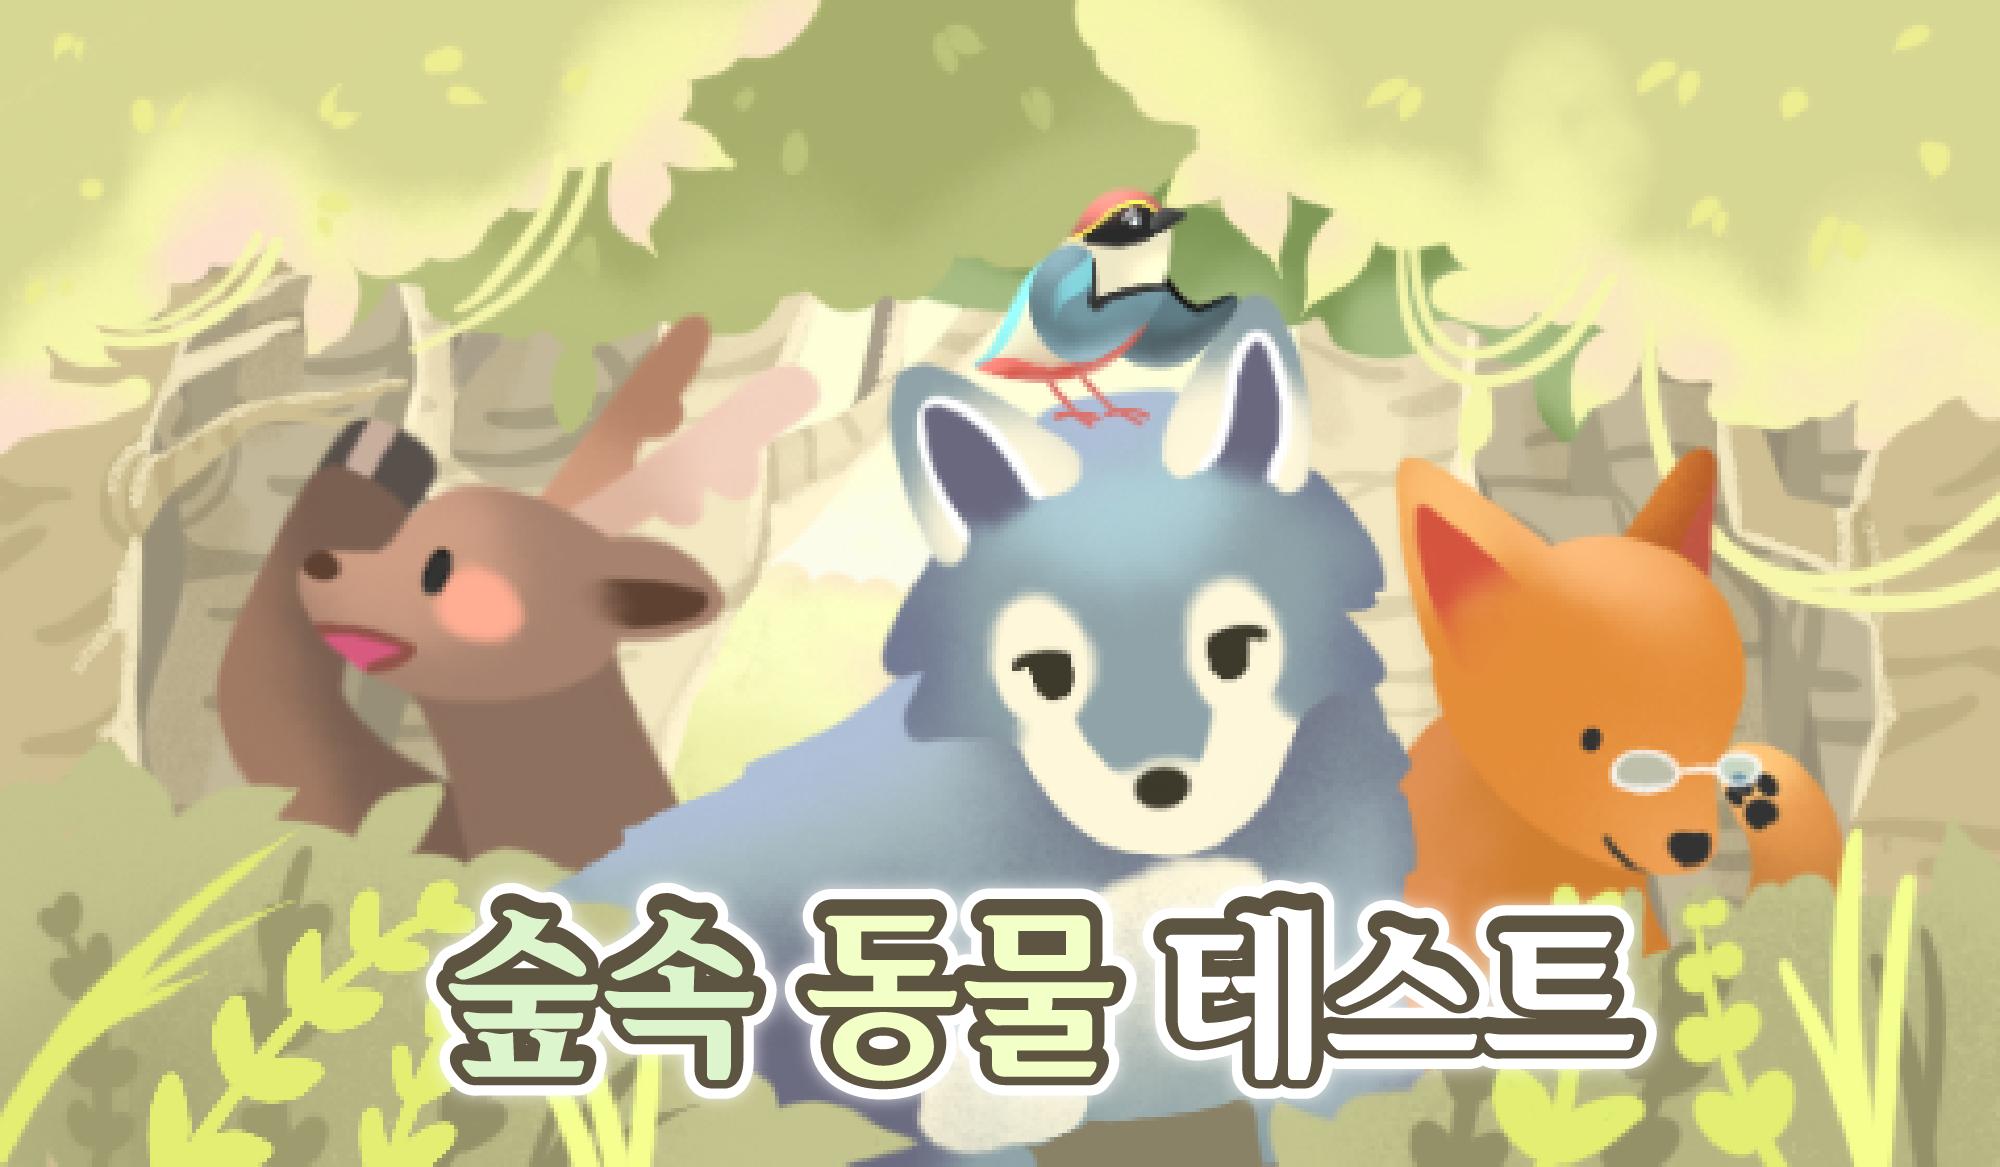 숲속 동물 테스트